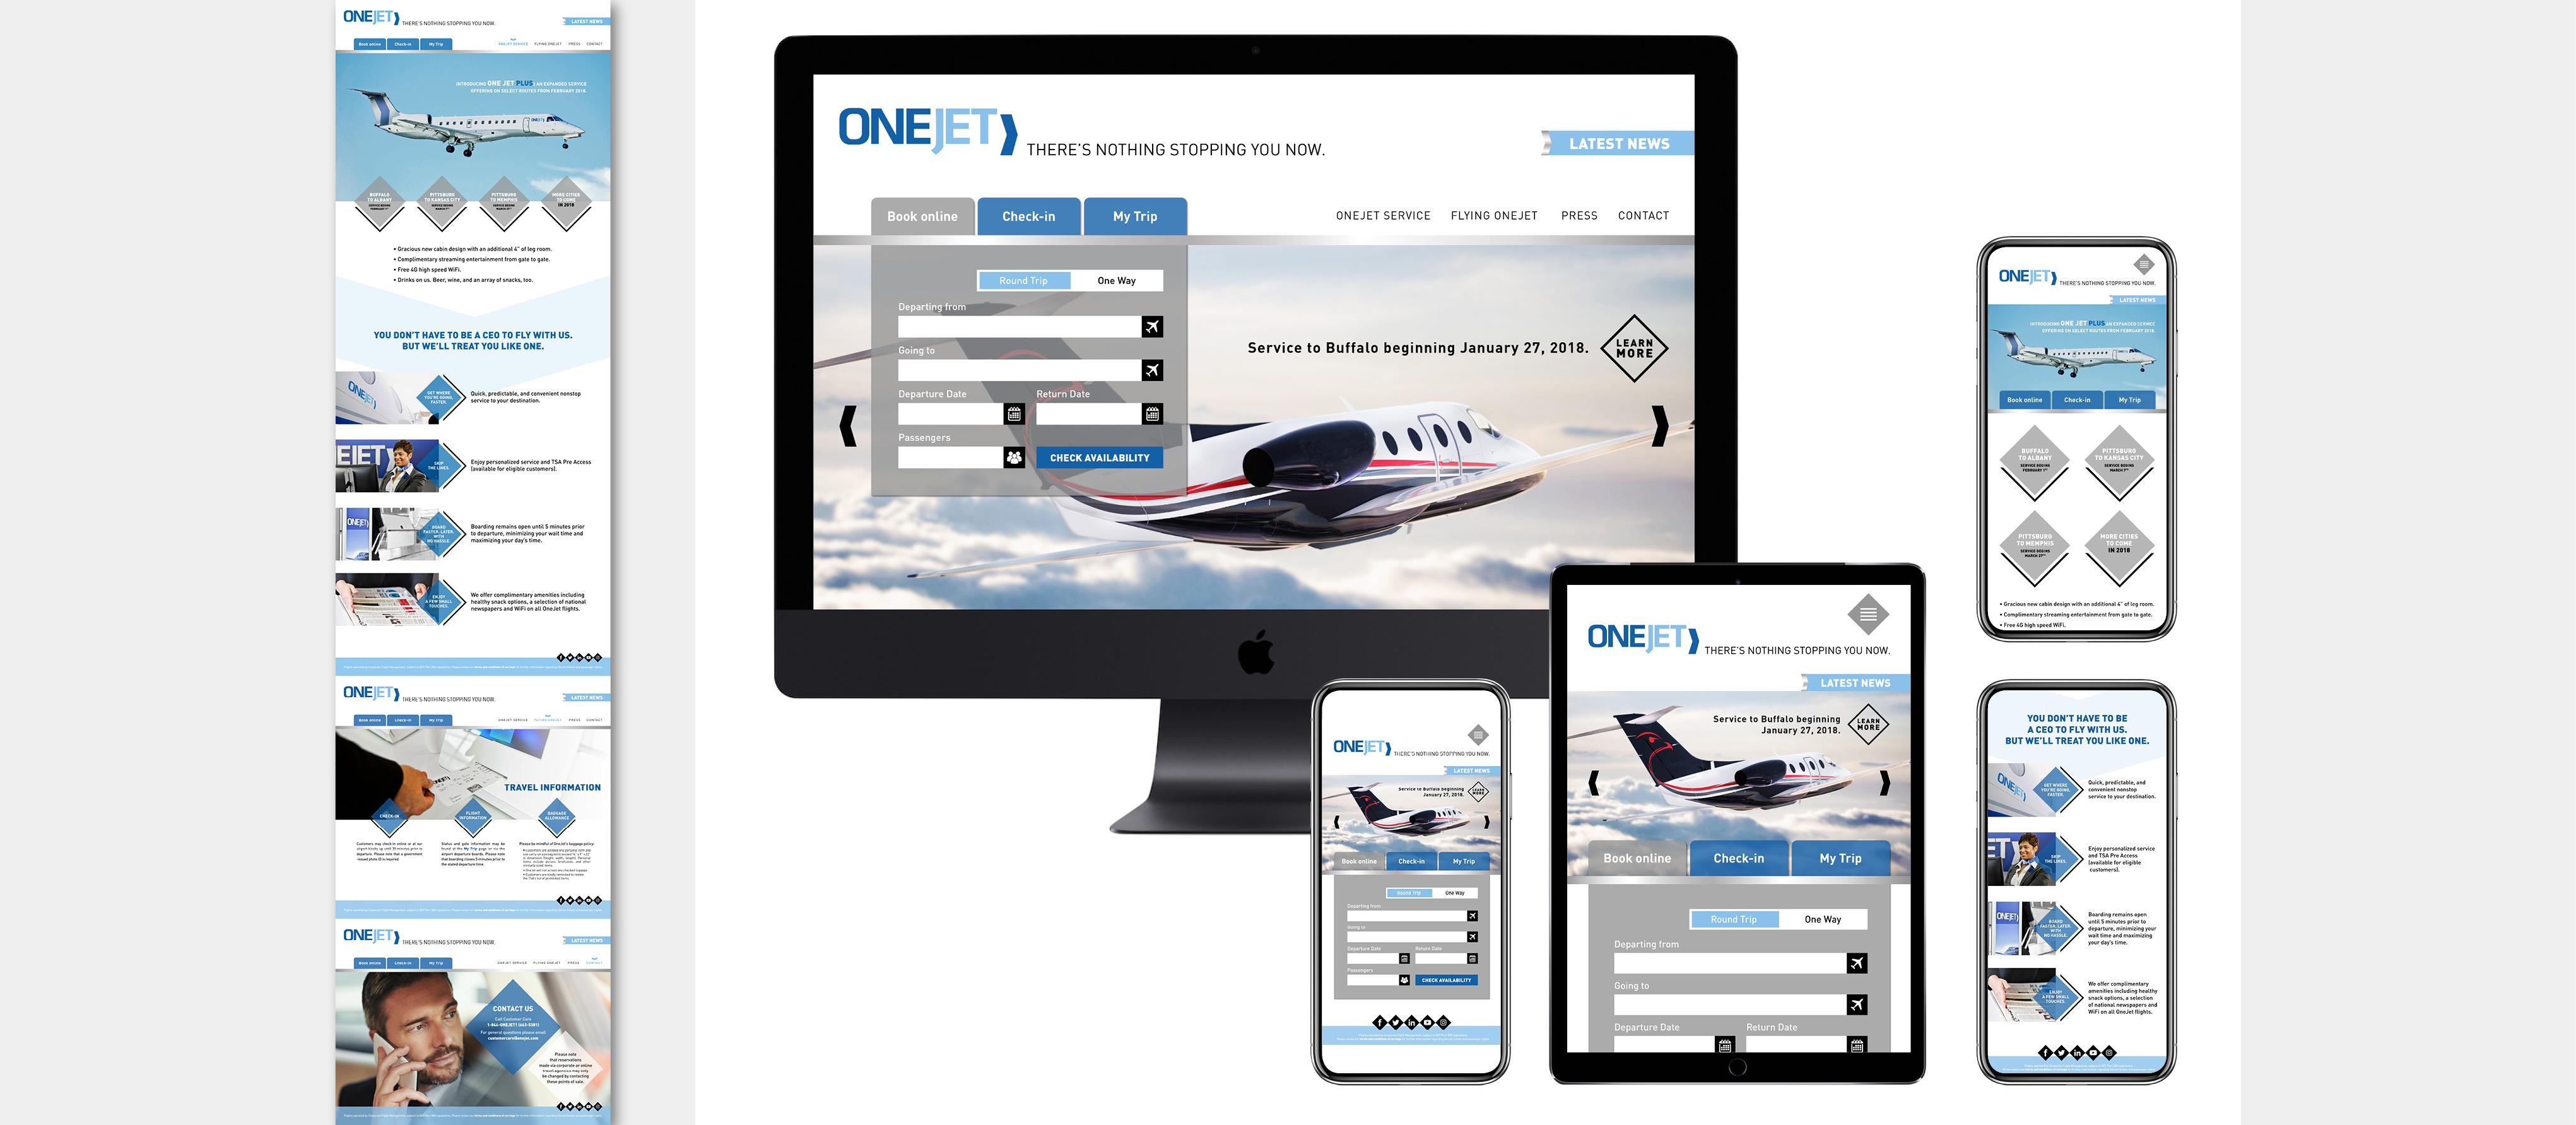 OneJet.com